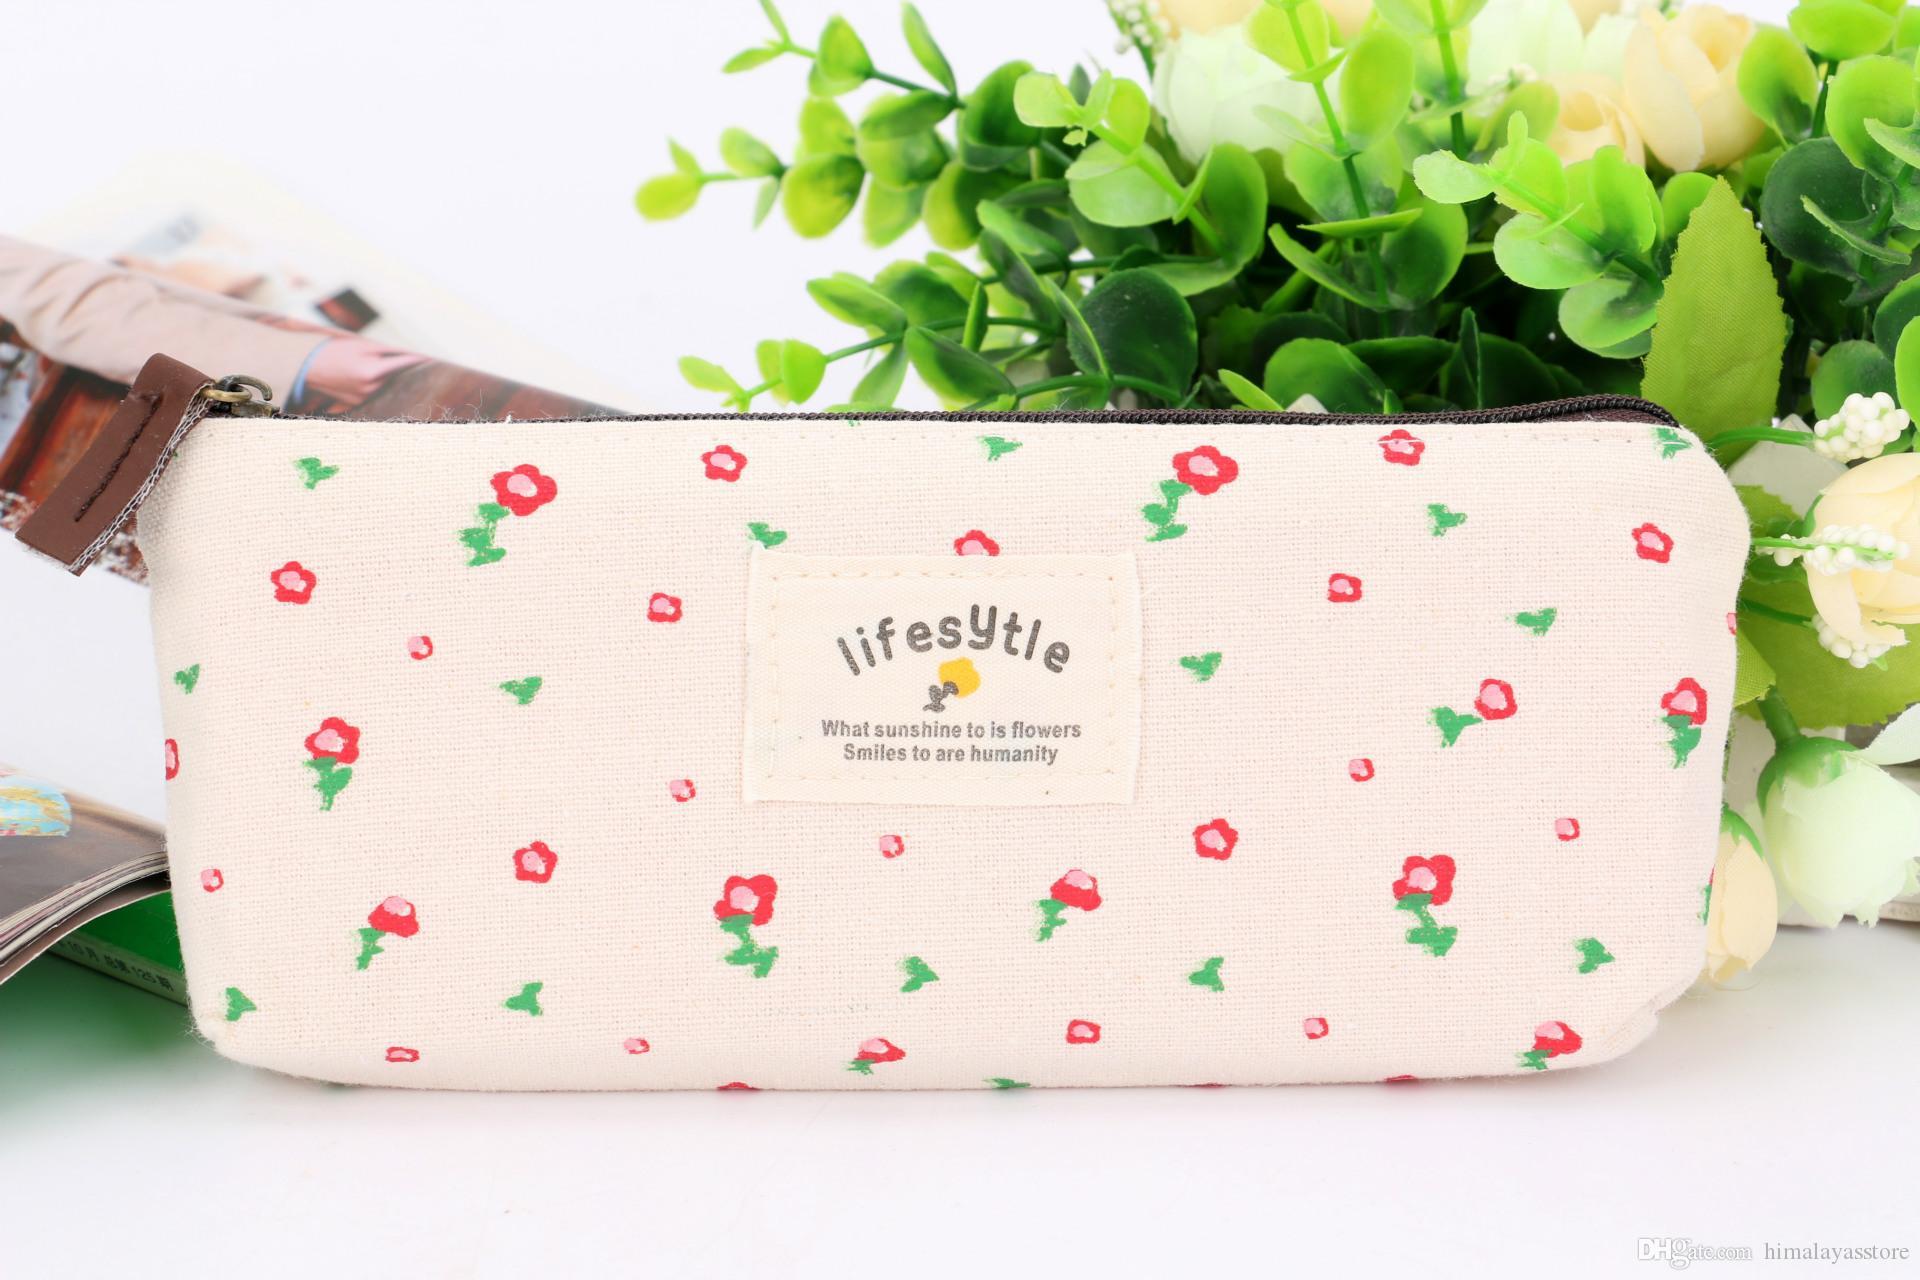 Floral vintage Tissu Porte-Monnaie crayon portefeuille plumier cosmétiques Maquillage Sac pochette de rangement étudiants remplisseur de bas Party Cadeau faveur